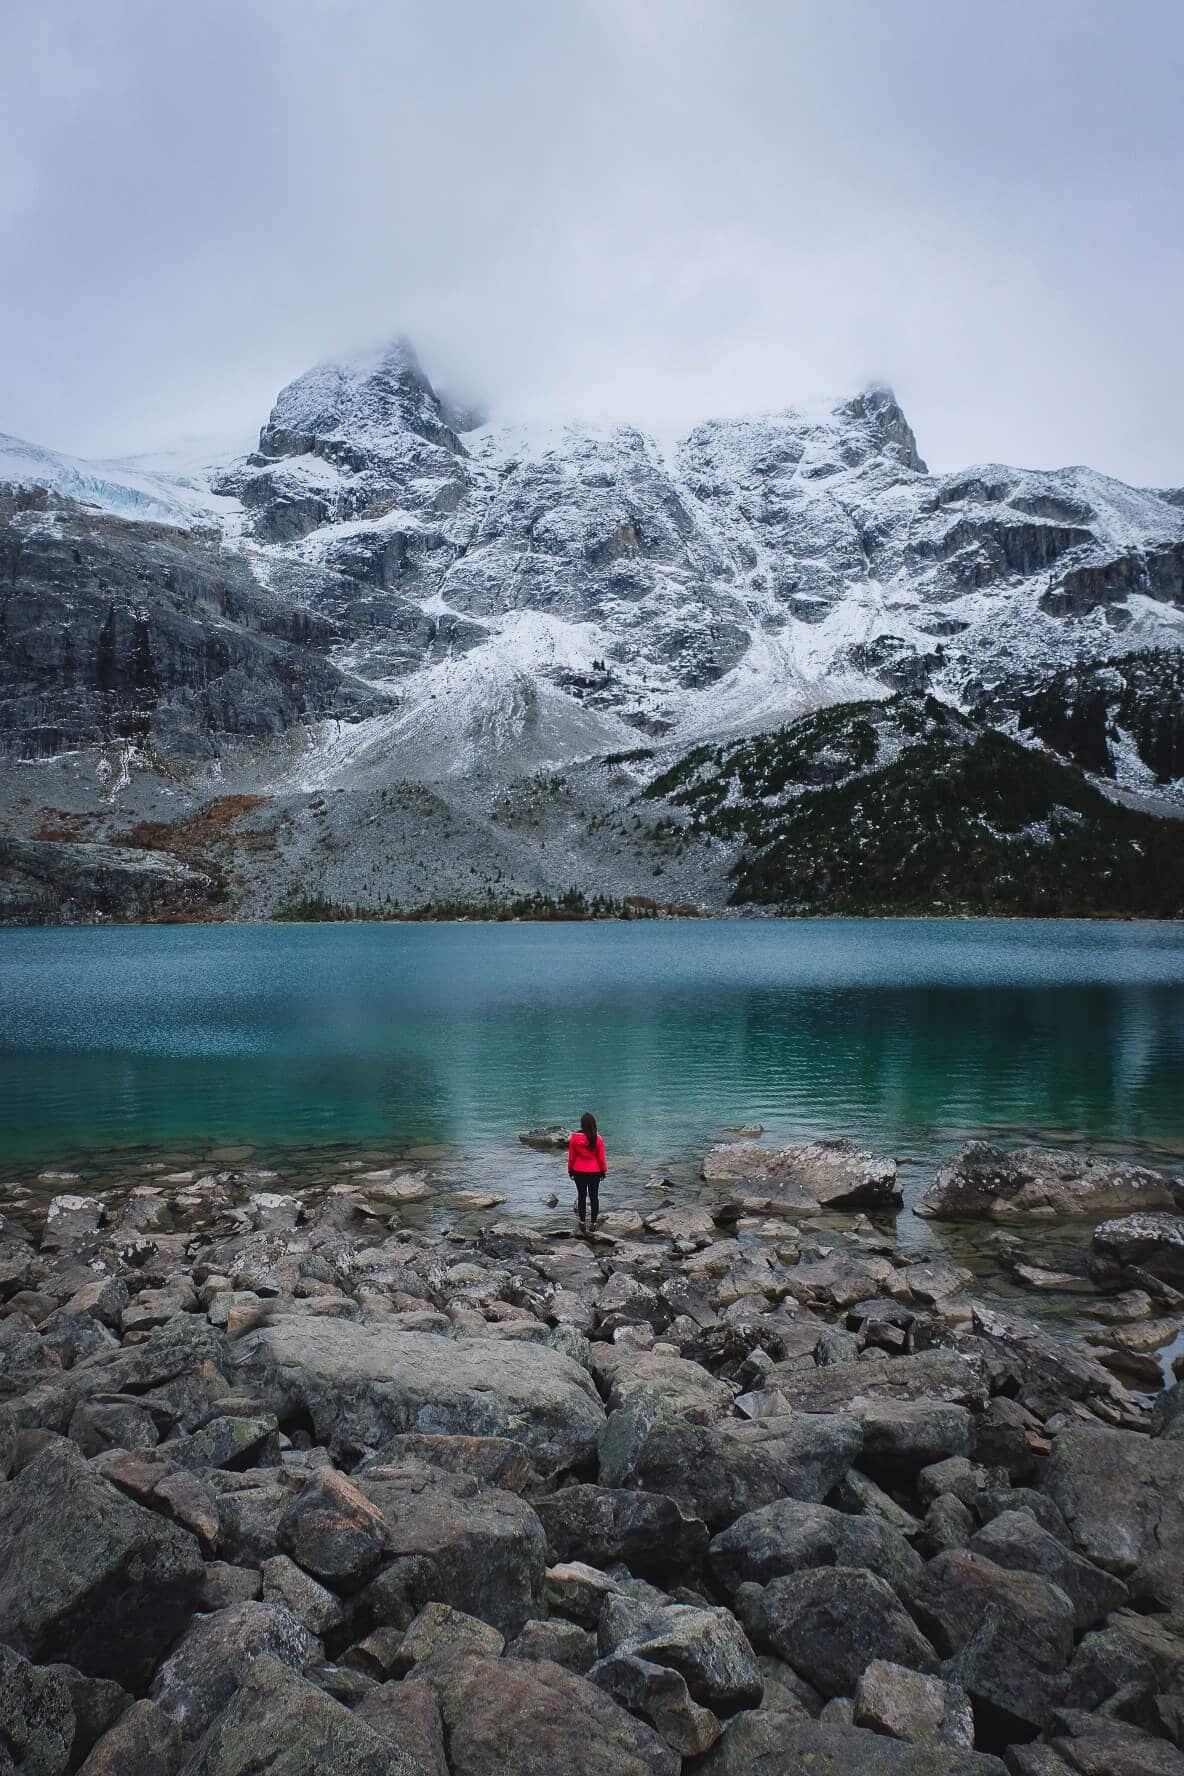 Hiking around Vancouver, British Columbia